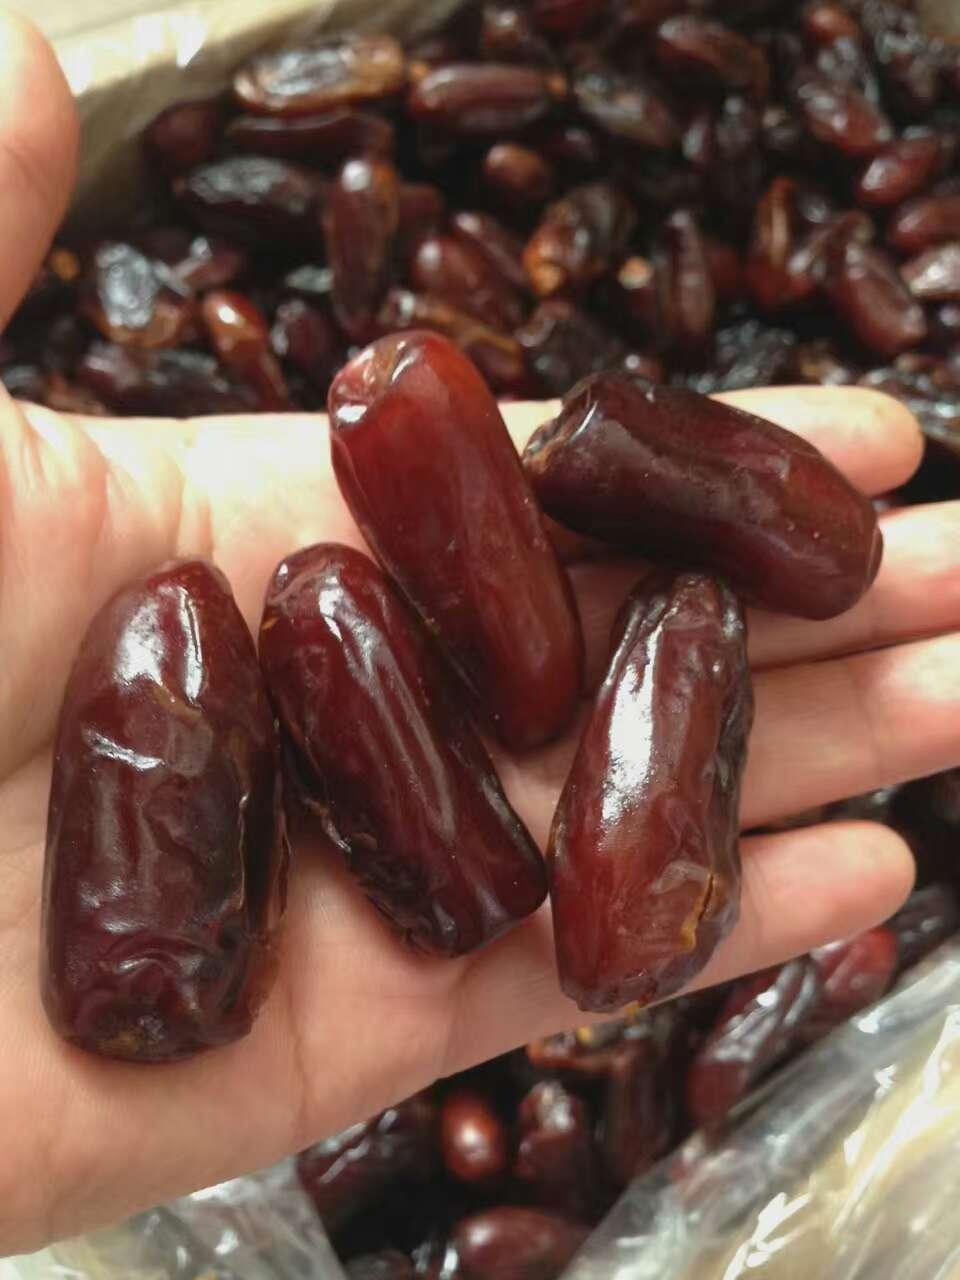 椰枣进口阿拉伯蜜枣进口甜枣清真零食特产干果椰枣500g包邮黑椰枣